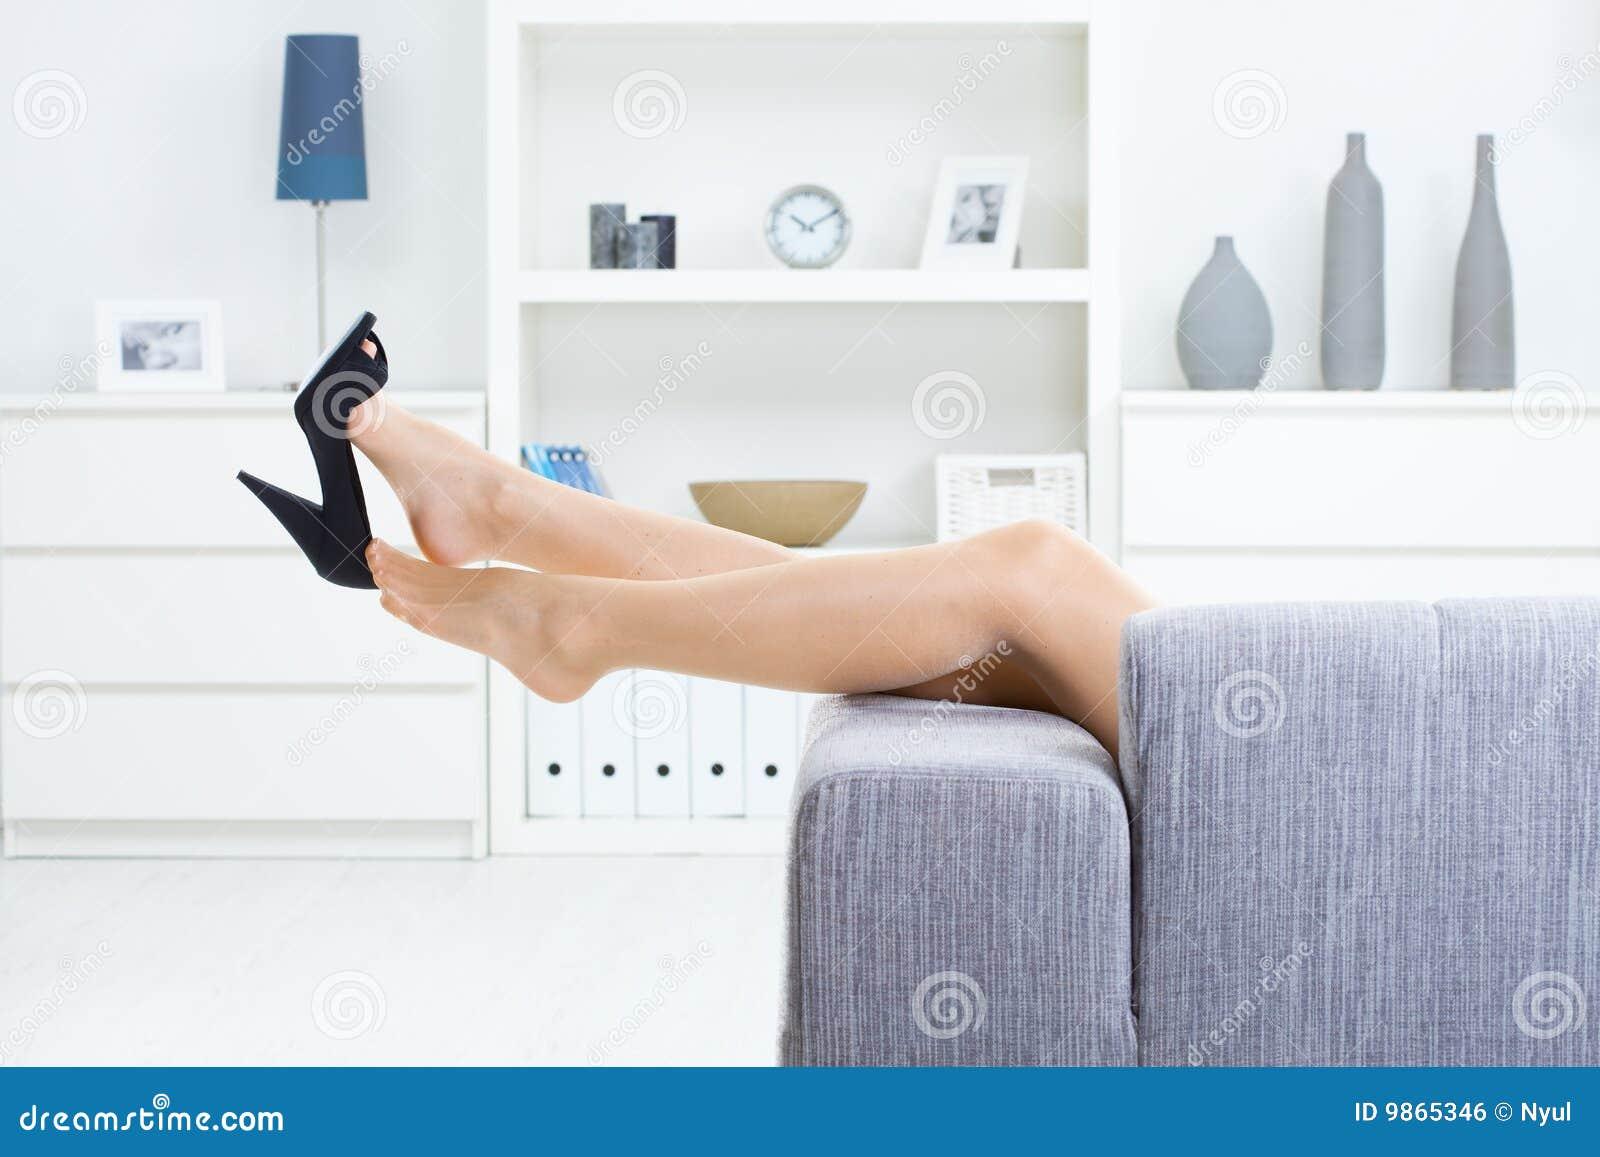 Brilliant Women Amazing Vans Camden Sneaker Off White  Vans Women Shoes